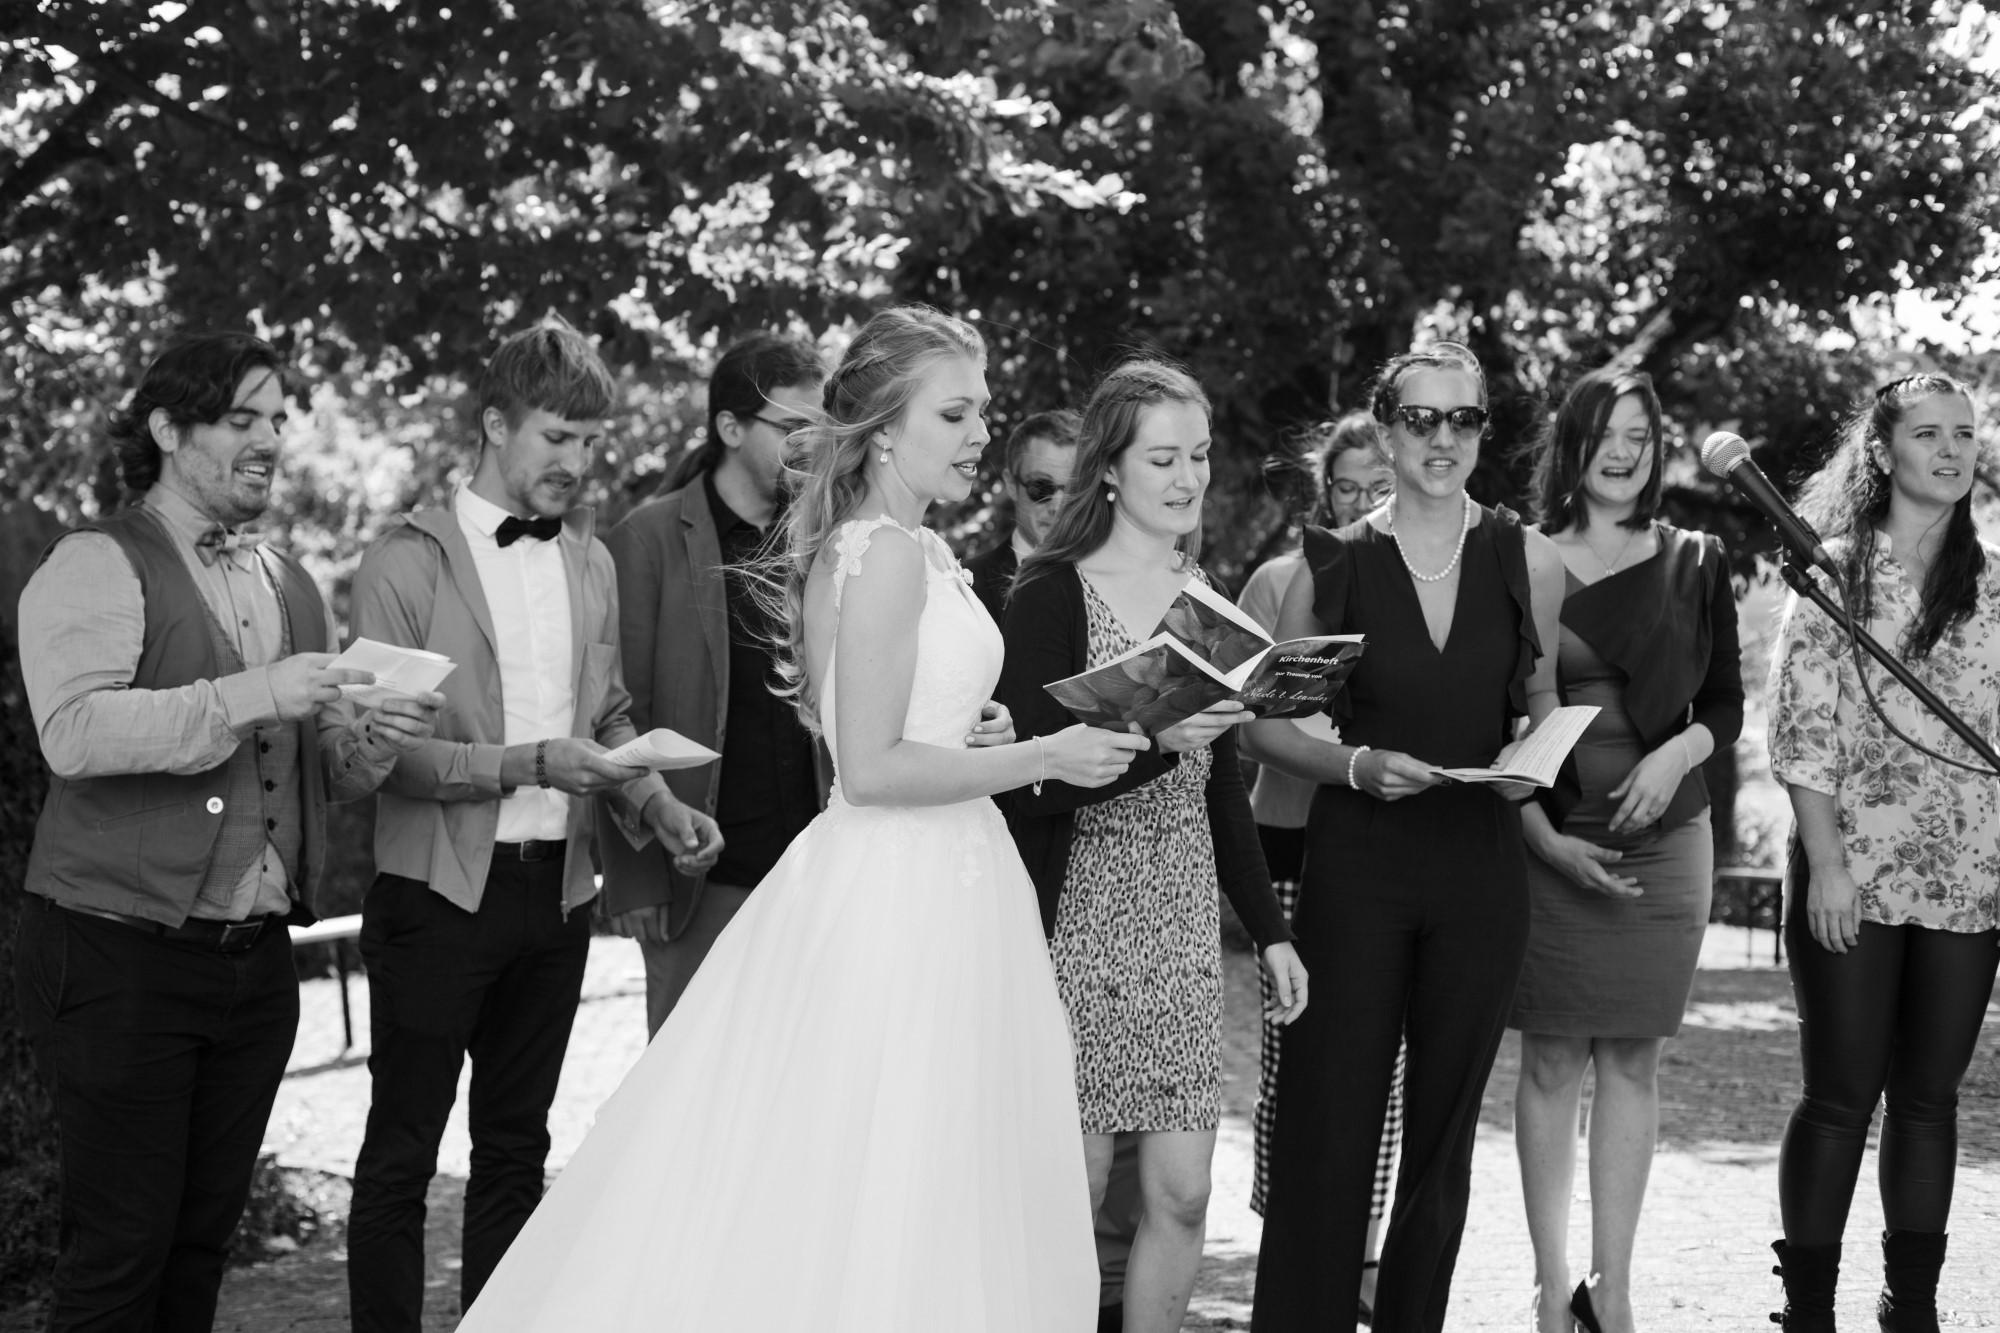 Die Braut singt mit dem Chor